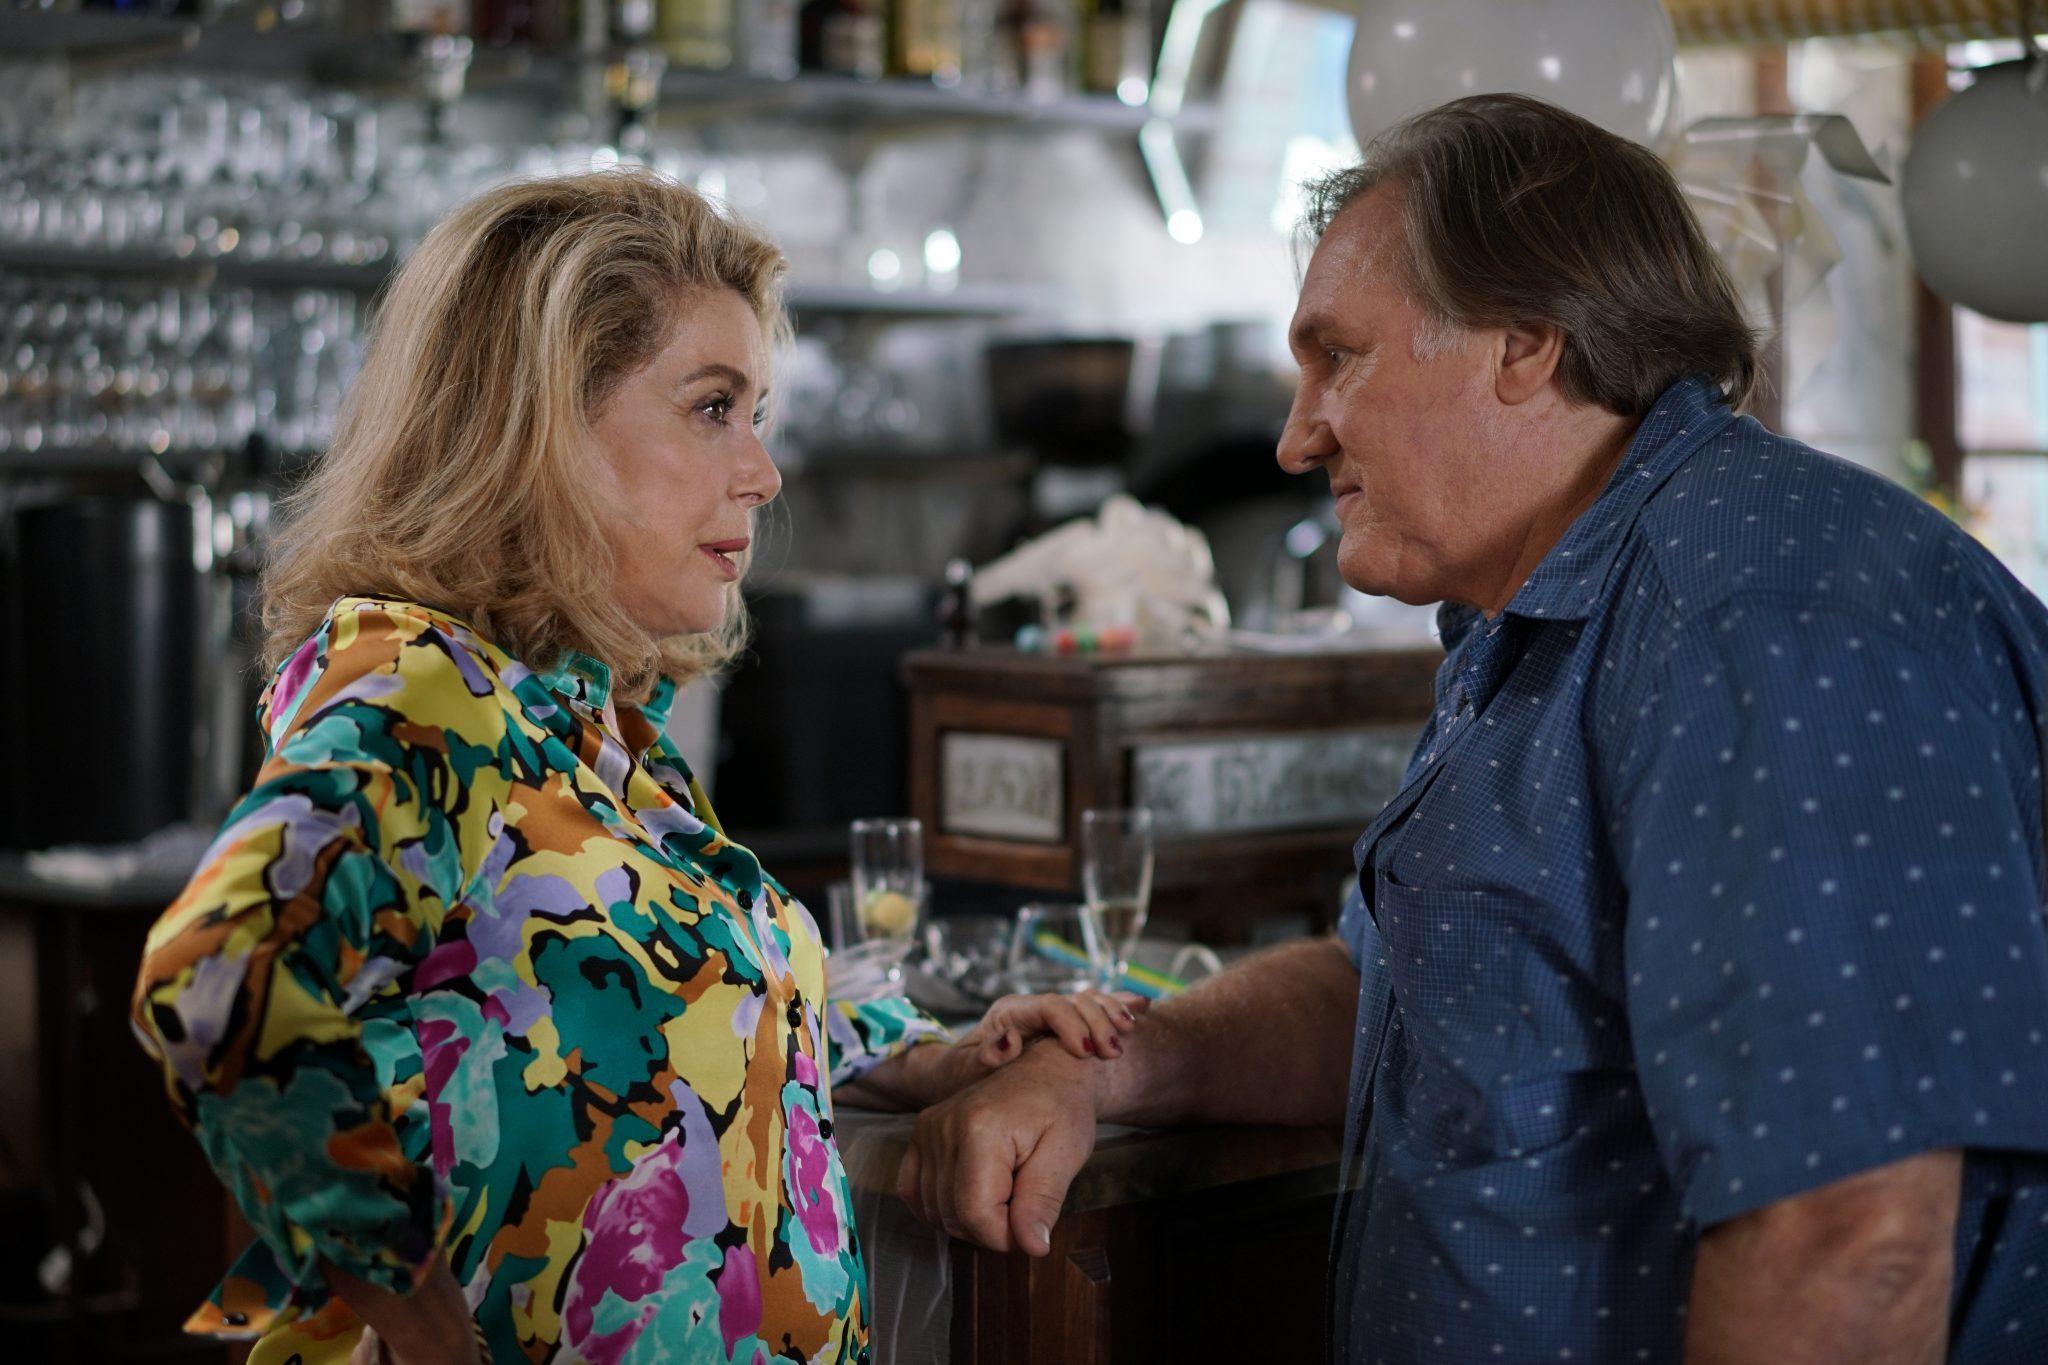 Bonne Pomme Deneuve Depardieu critique film